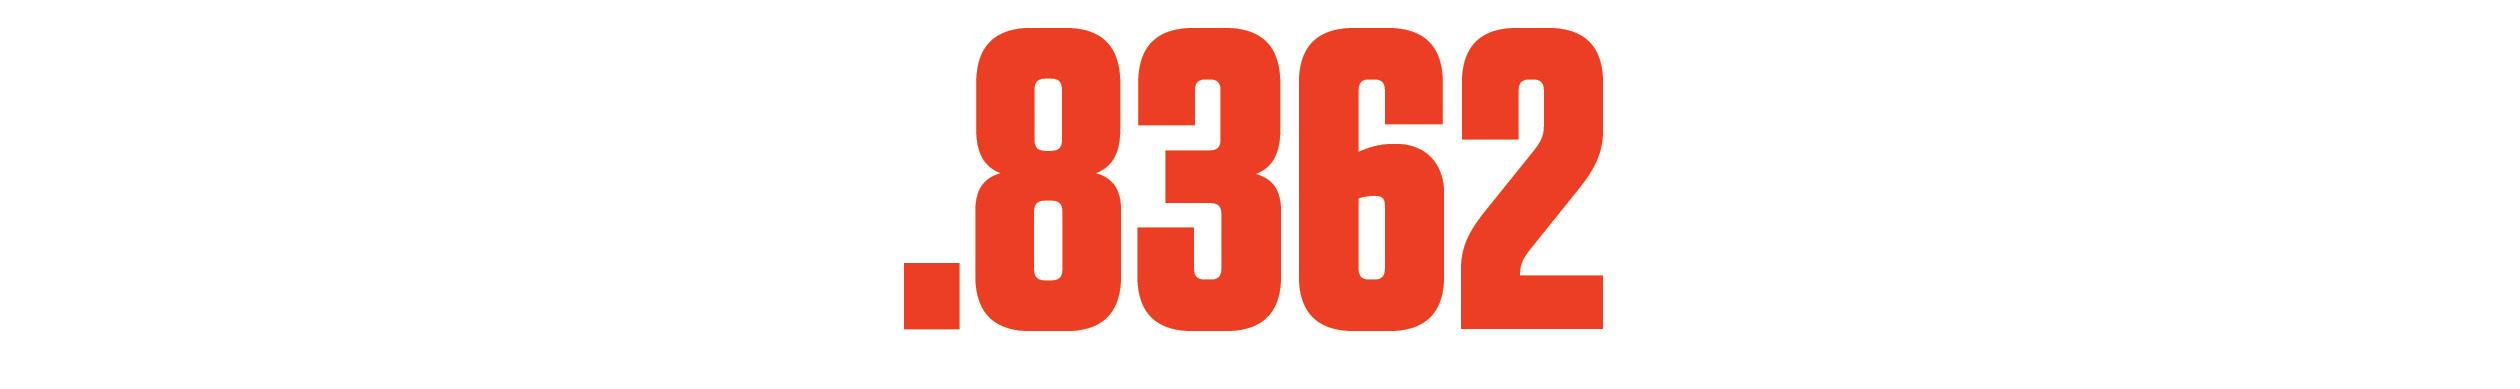 [Image: numbers1.jpg]